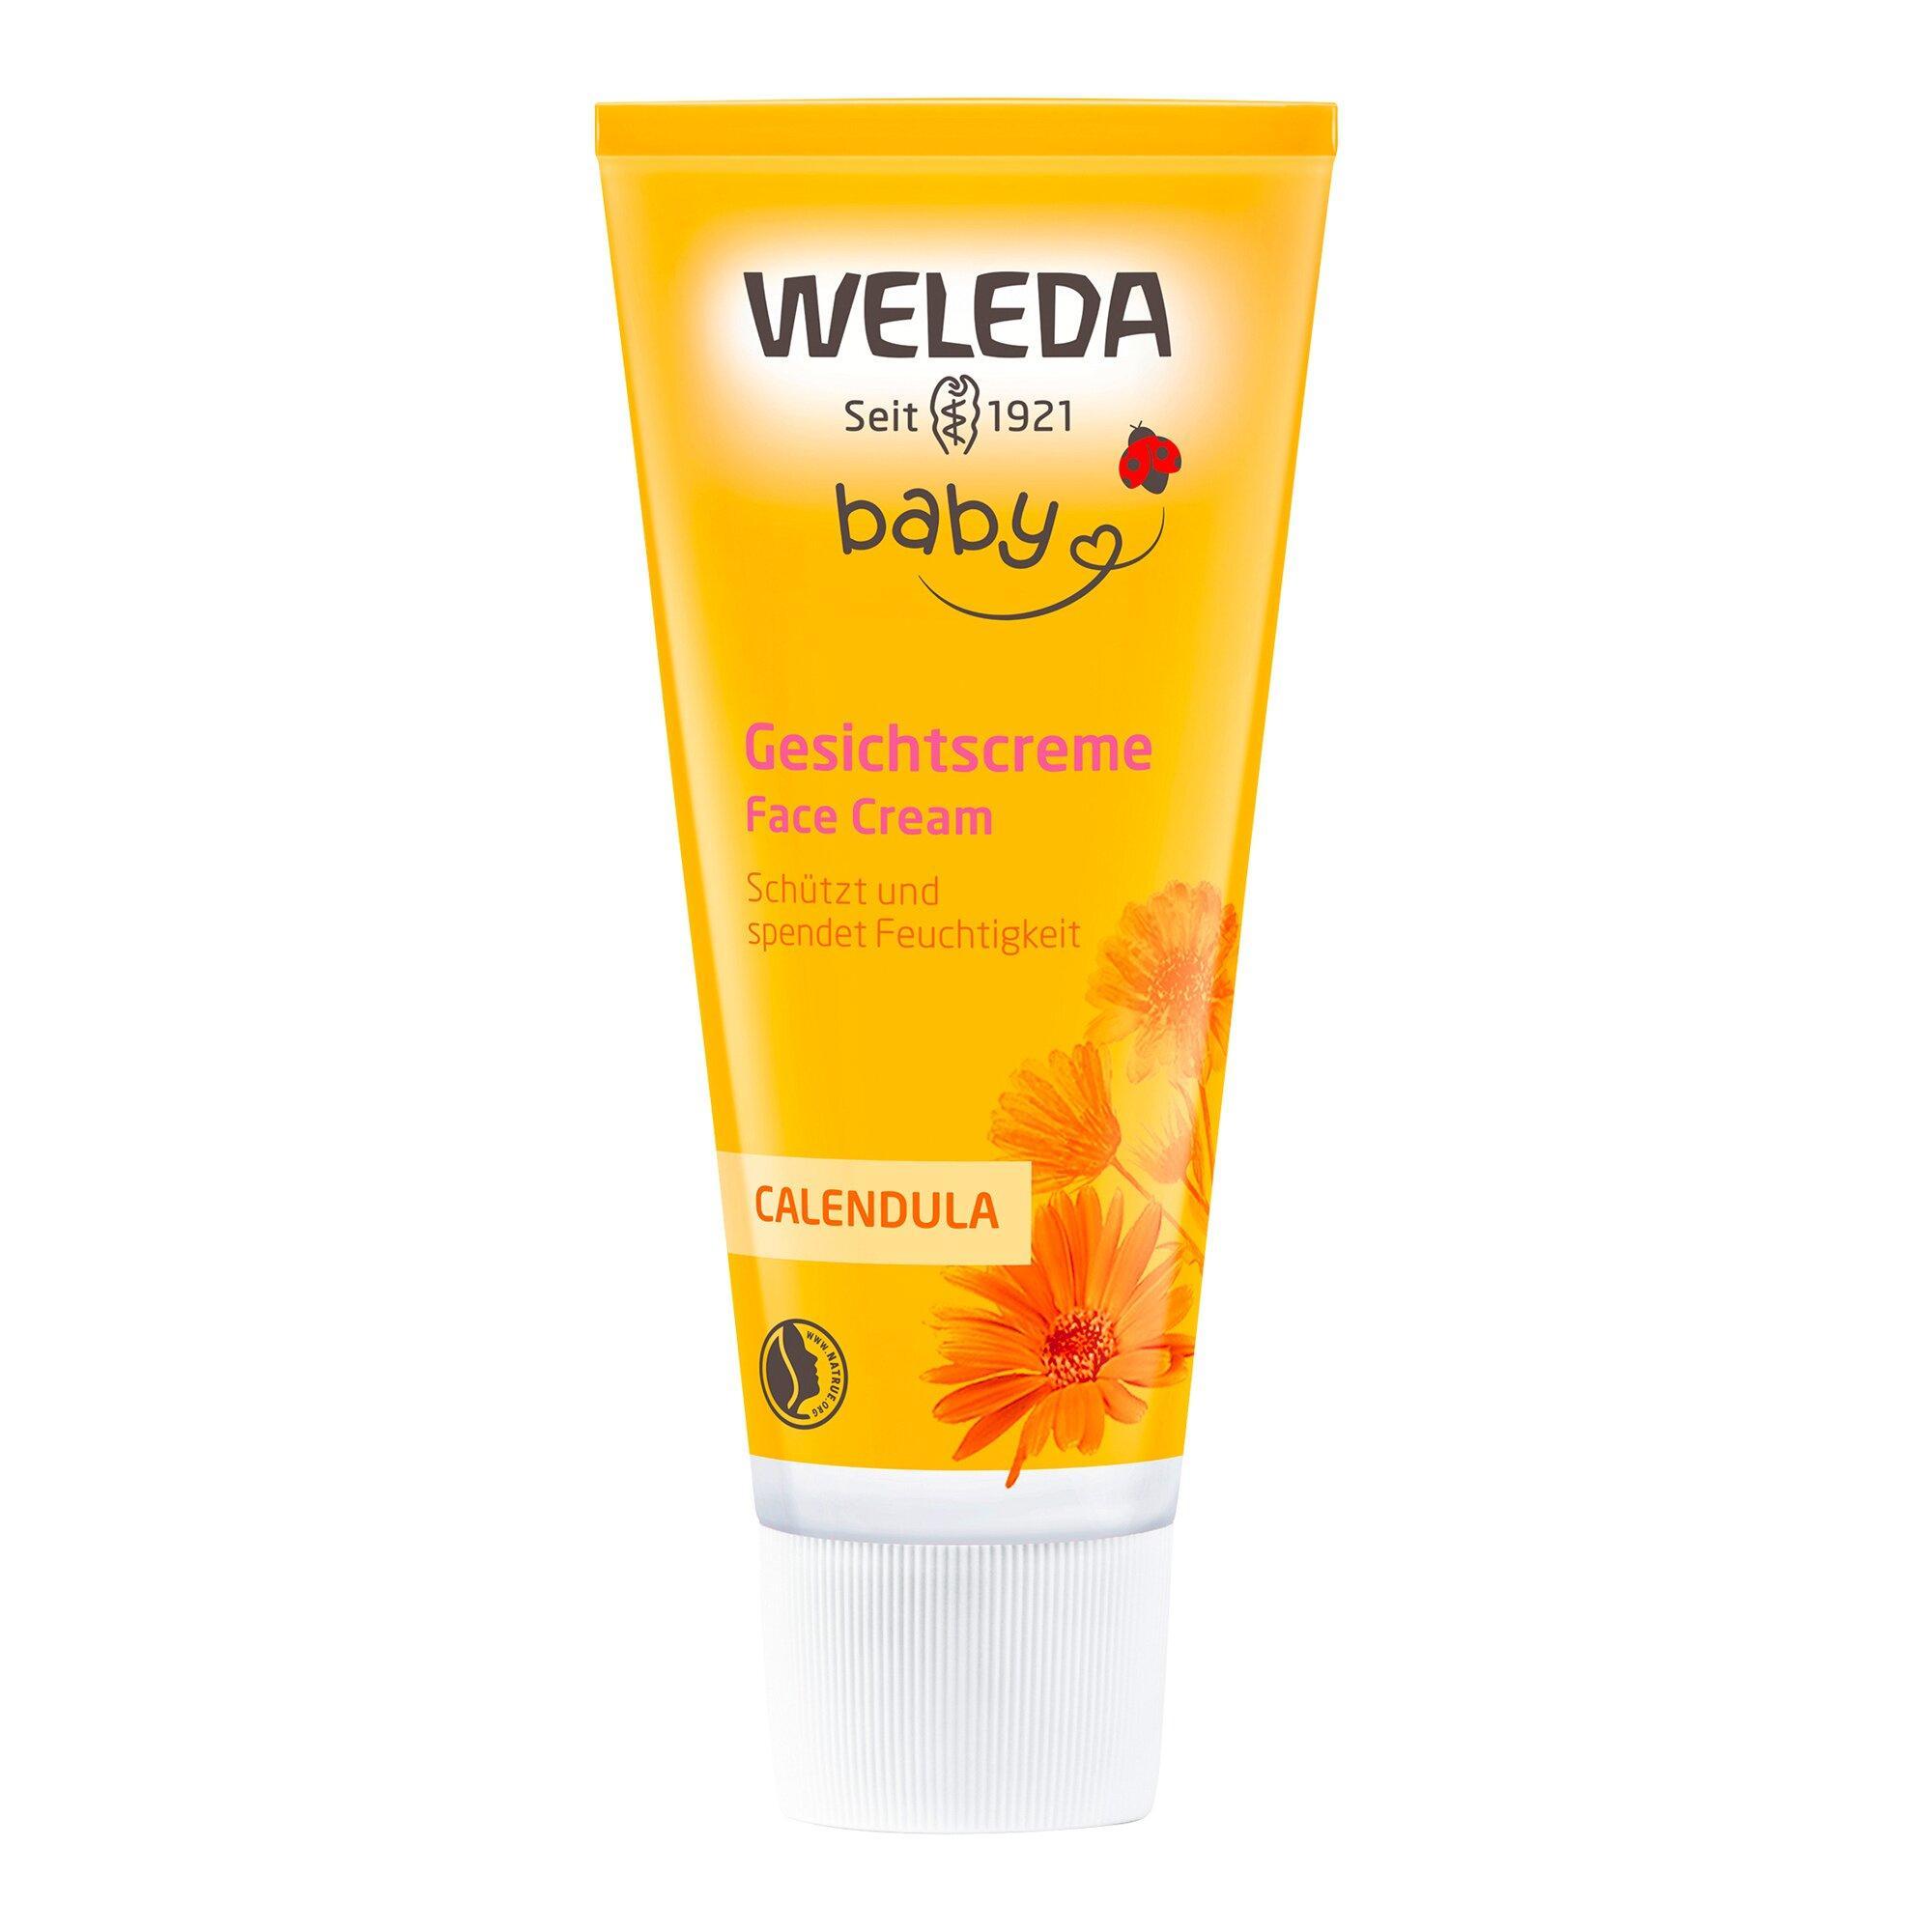 Calendula Gesichtscreme 50 ml